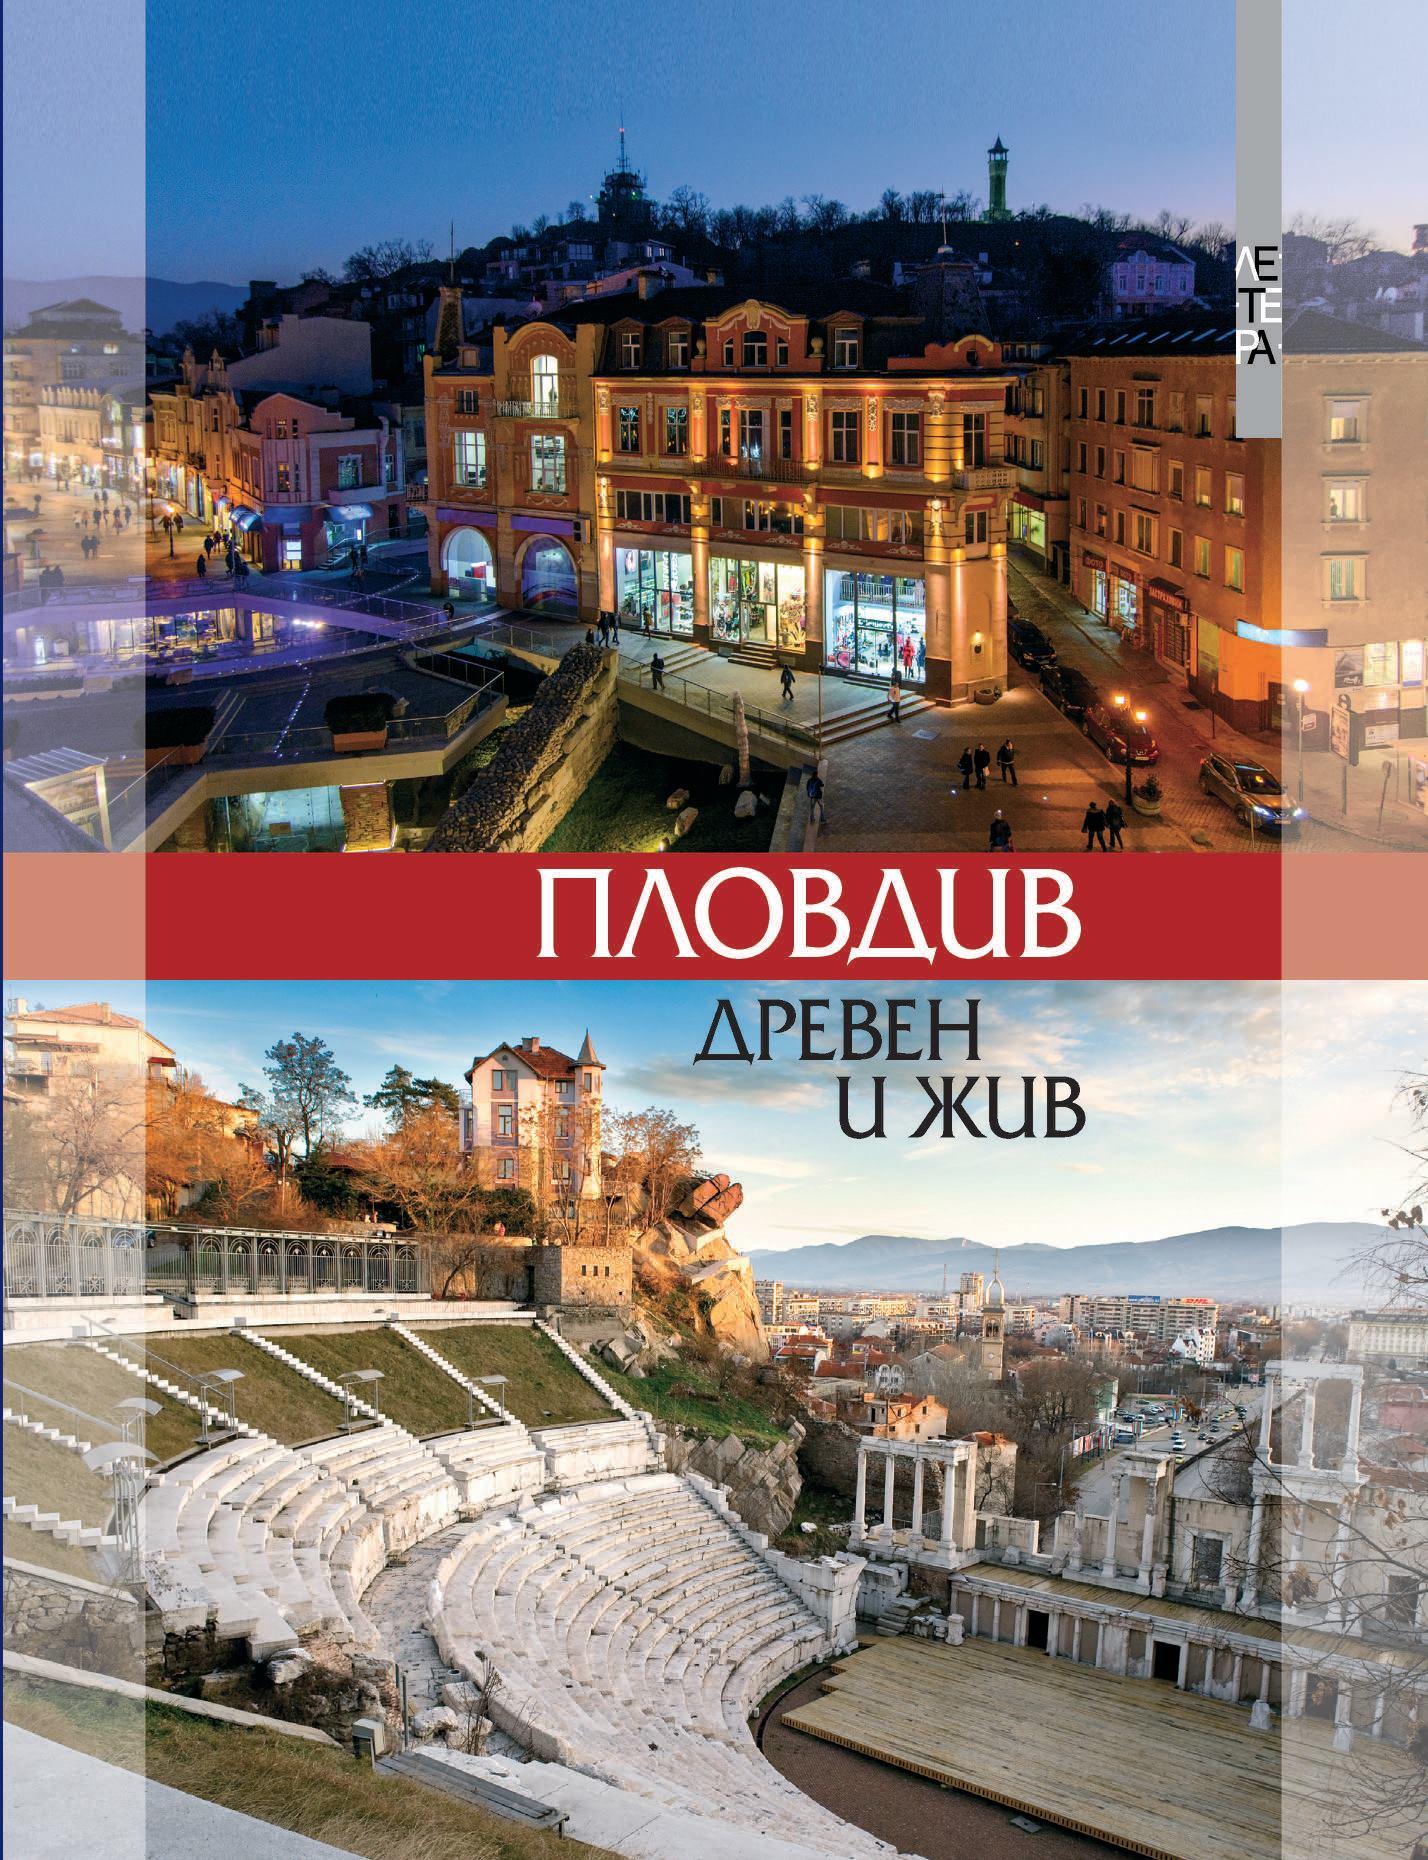 Нов, луксозен албум за Пловдив представя най-забележителните артефакти в 200 стр